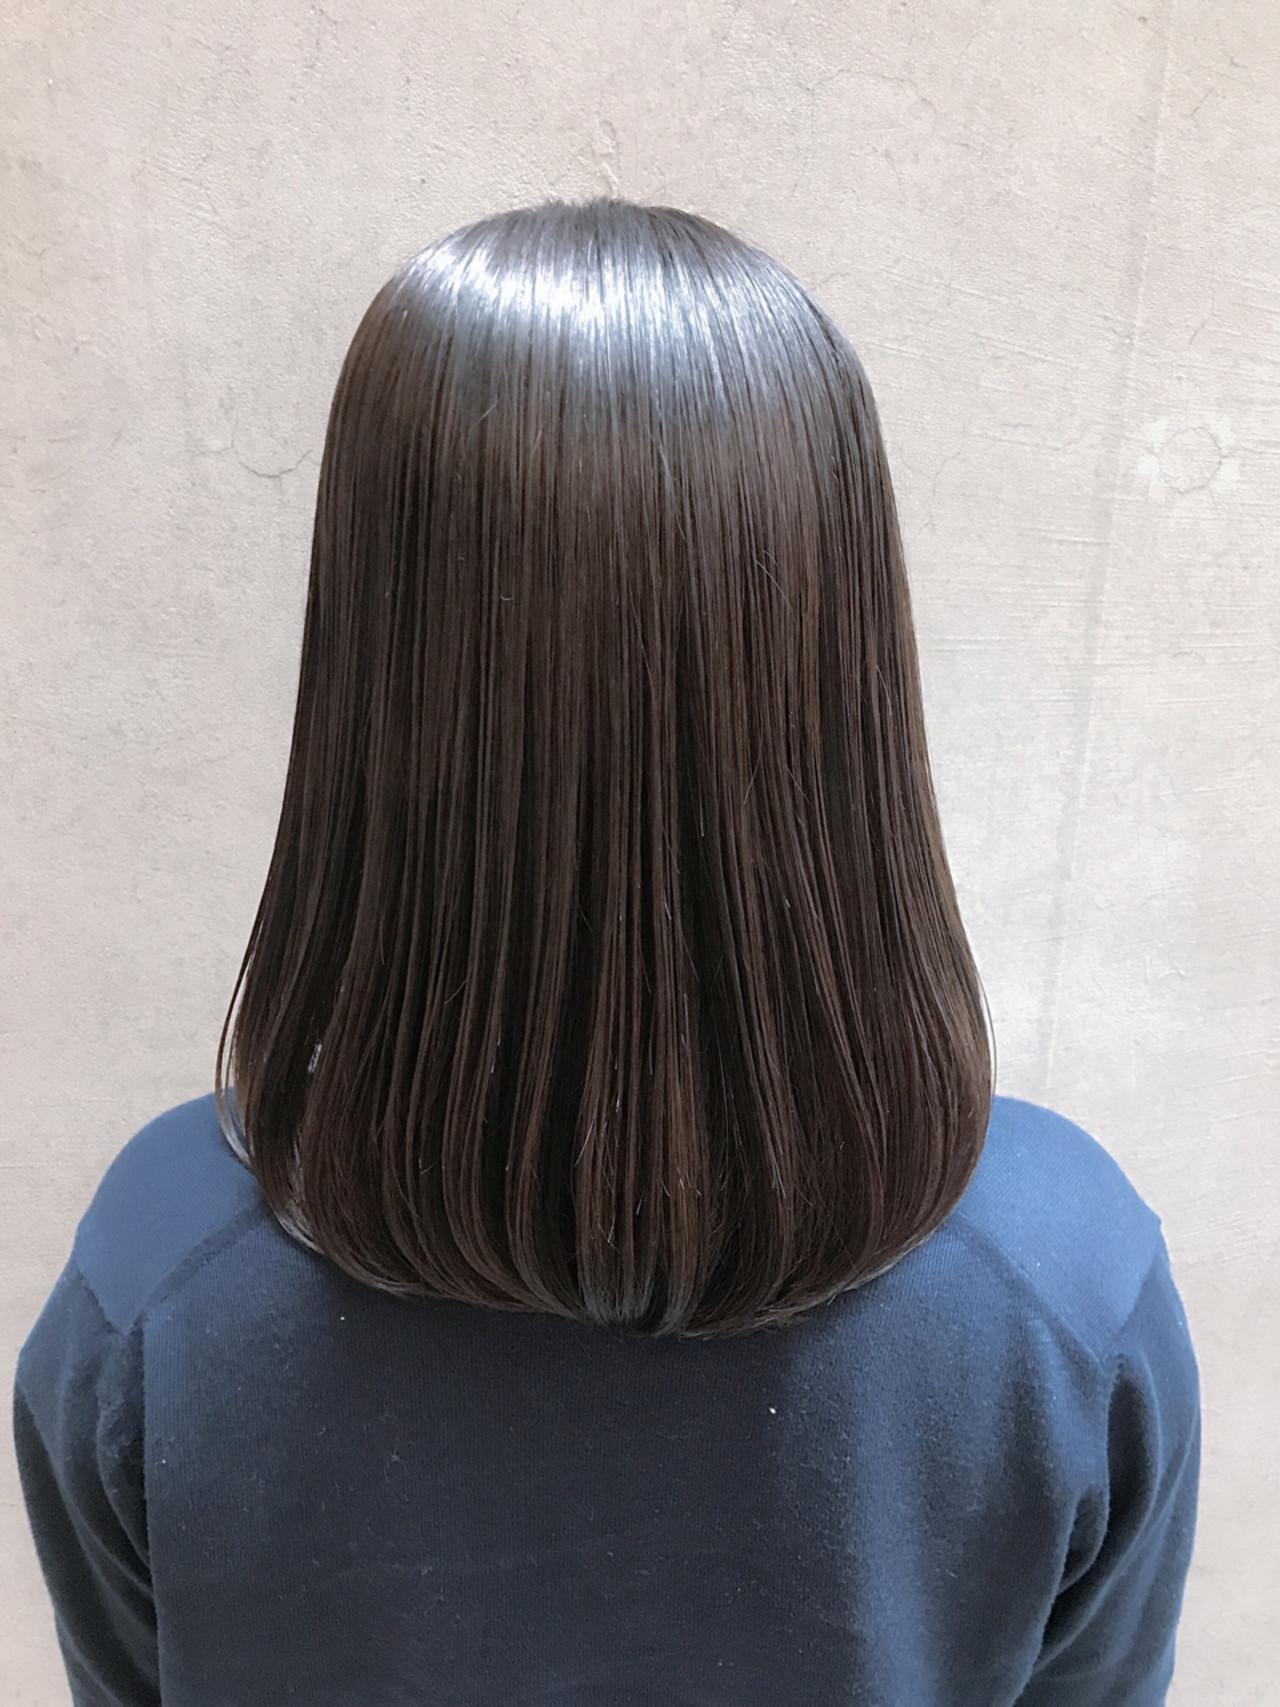 ミディアム 結婚式 ナチュラル 縮毛矯正 ヘアスタイルや髪型の写真・画像